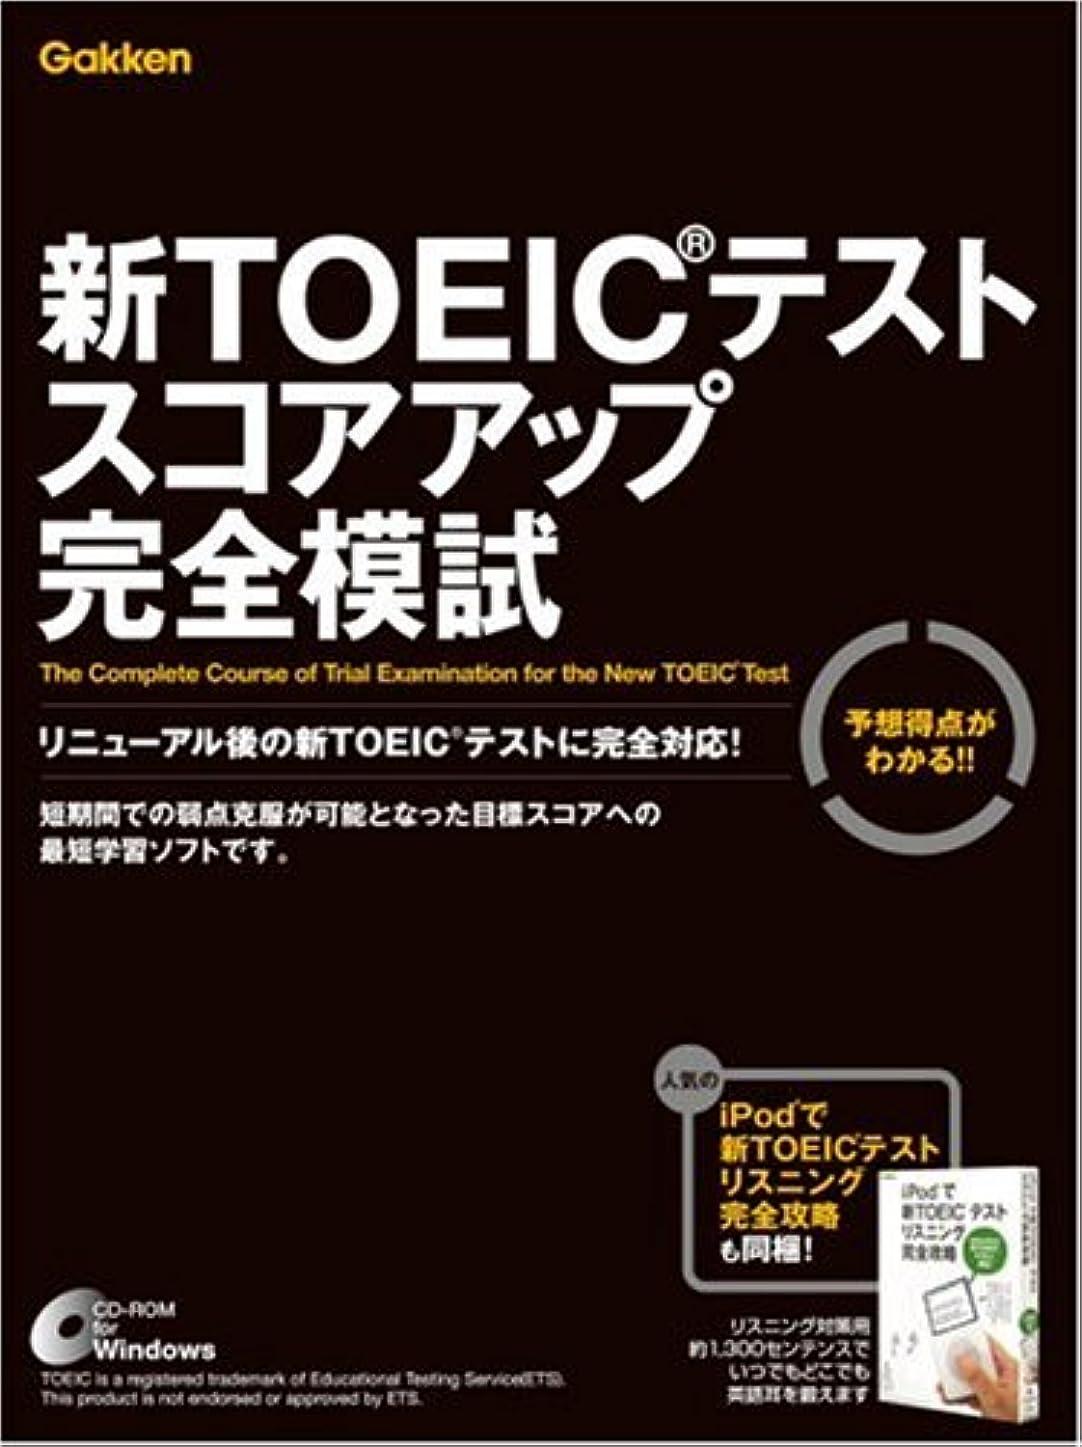 遮る直径リスク新TOEIC(R)テスト スコアアップ完全模試